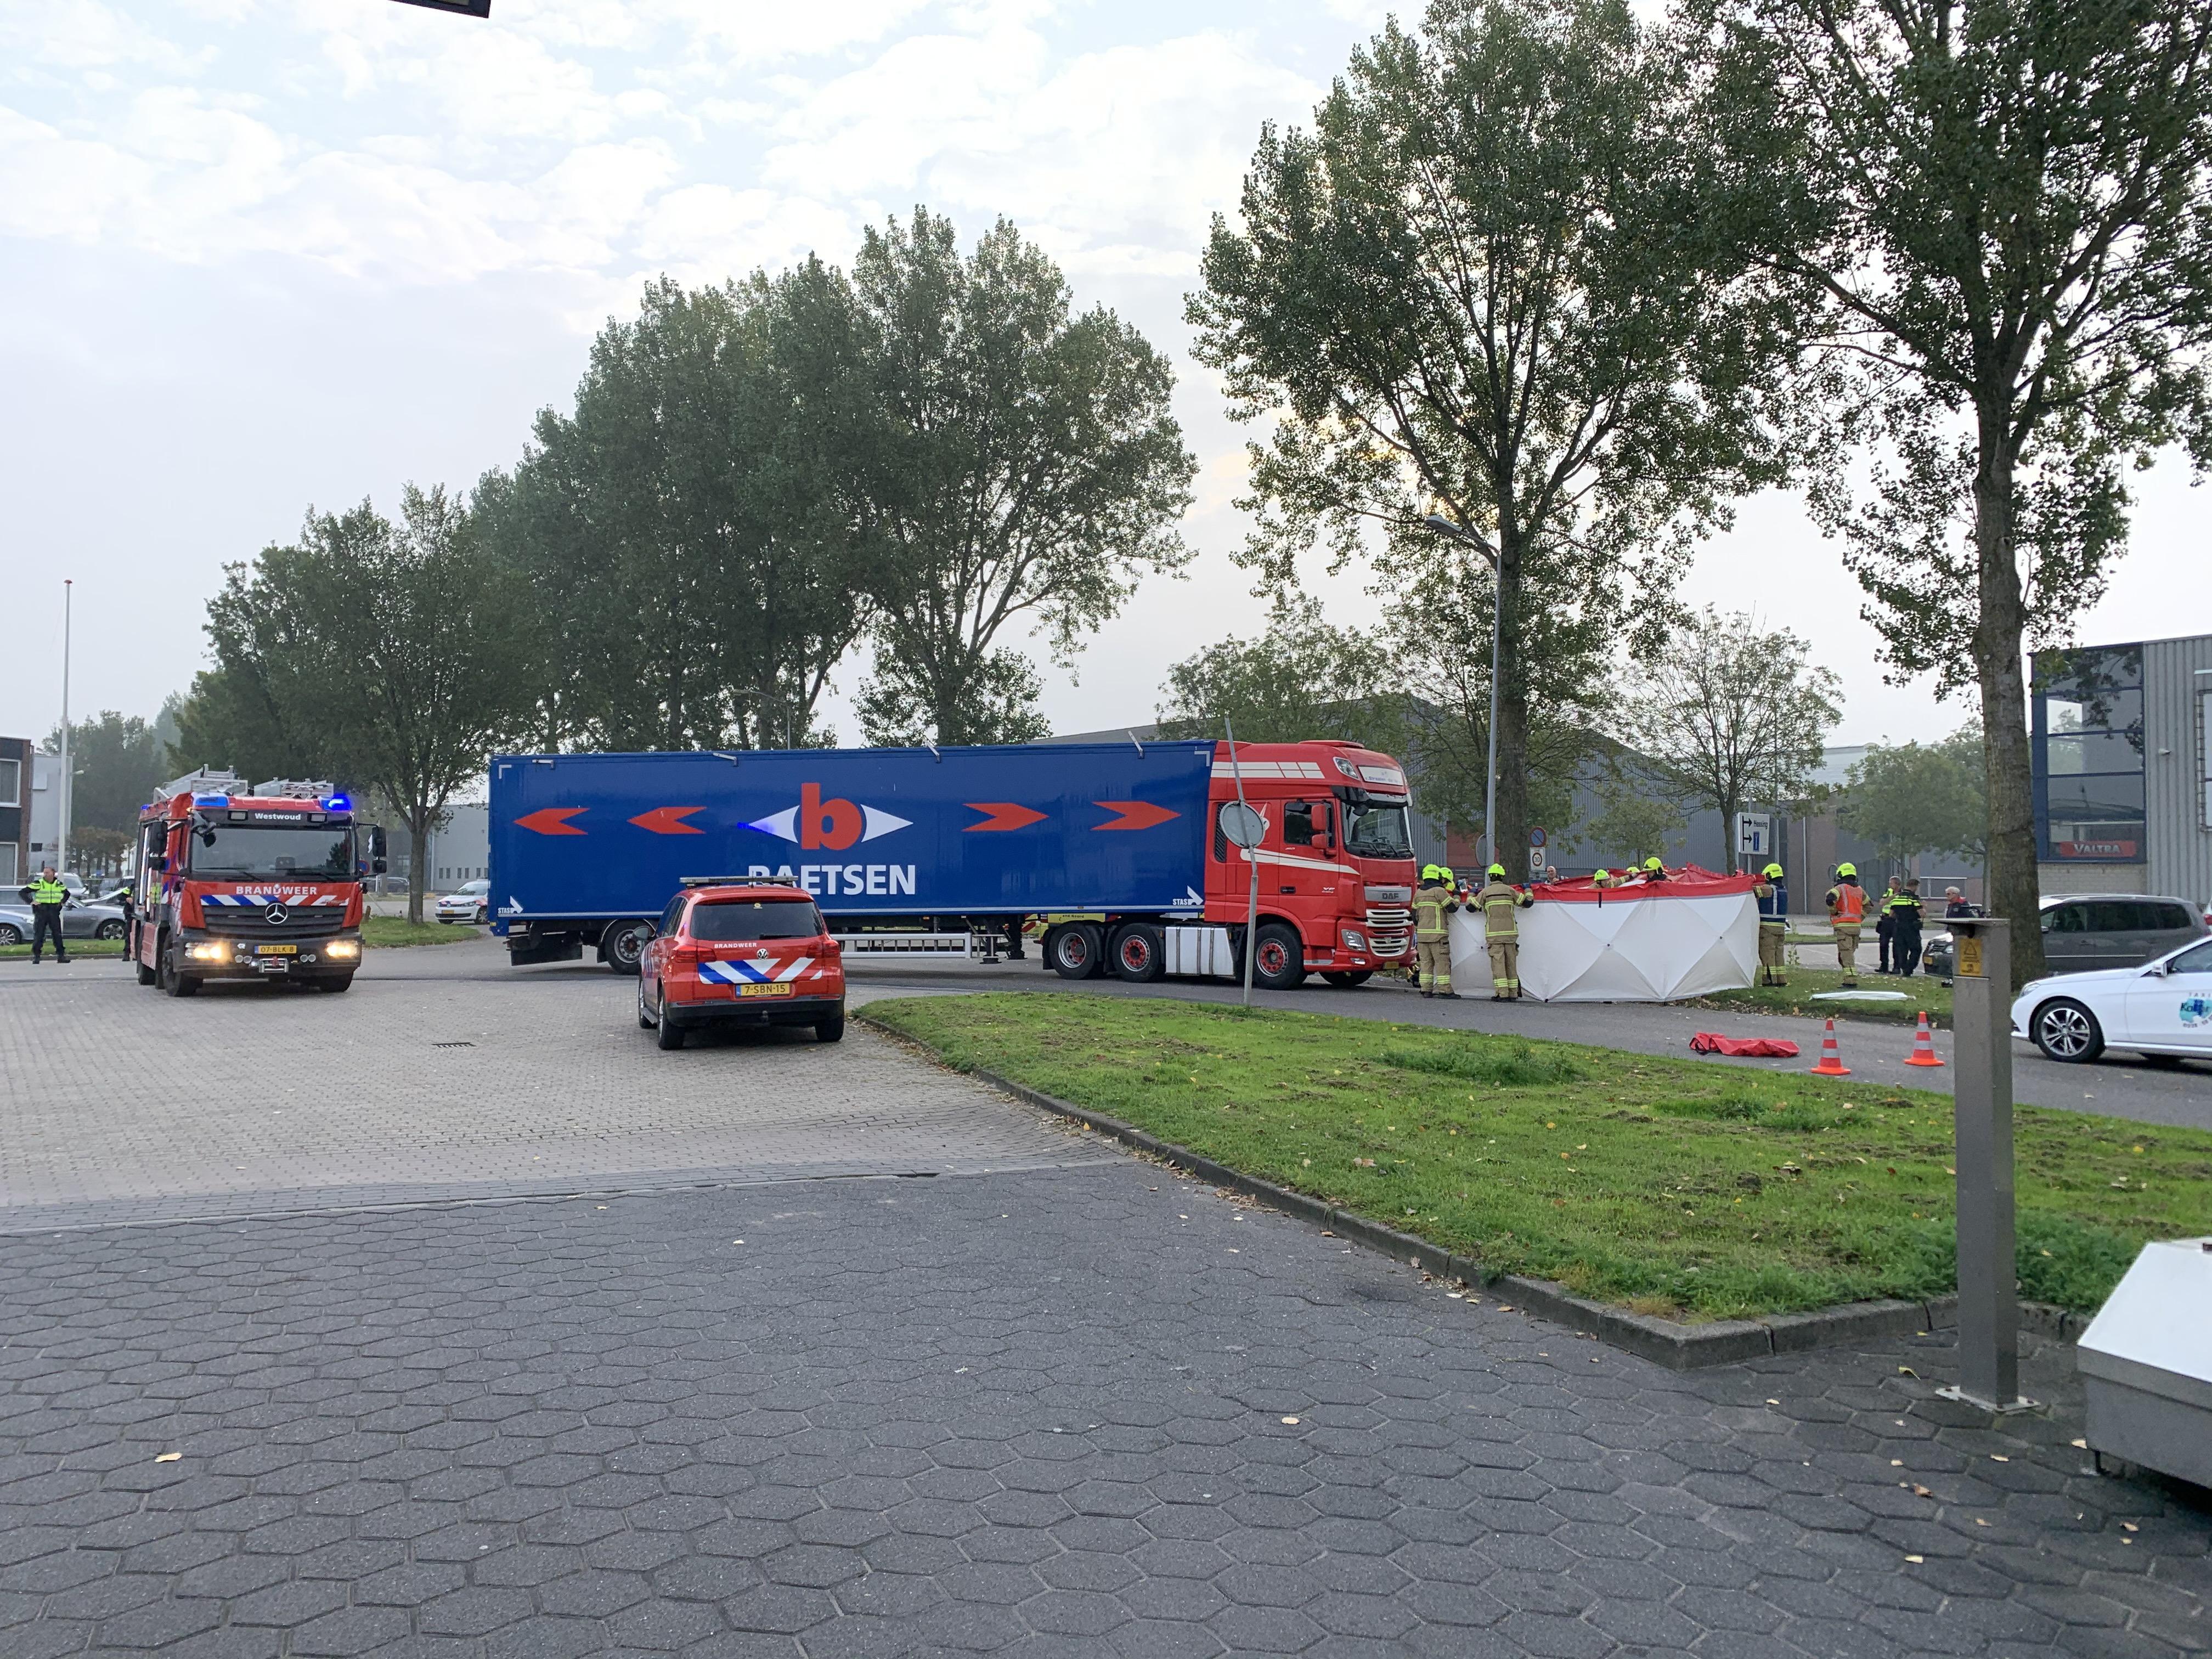 Fietser ernstig gewond bij ongeval met vrachtwagen in Zwaagdijk-Oost